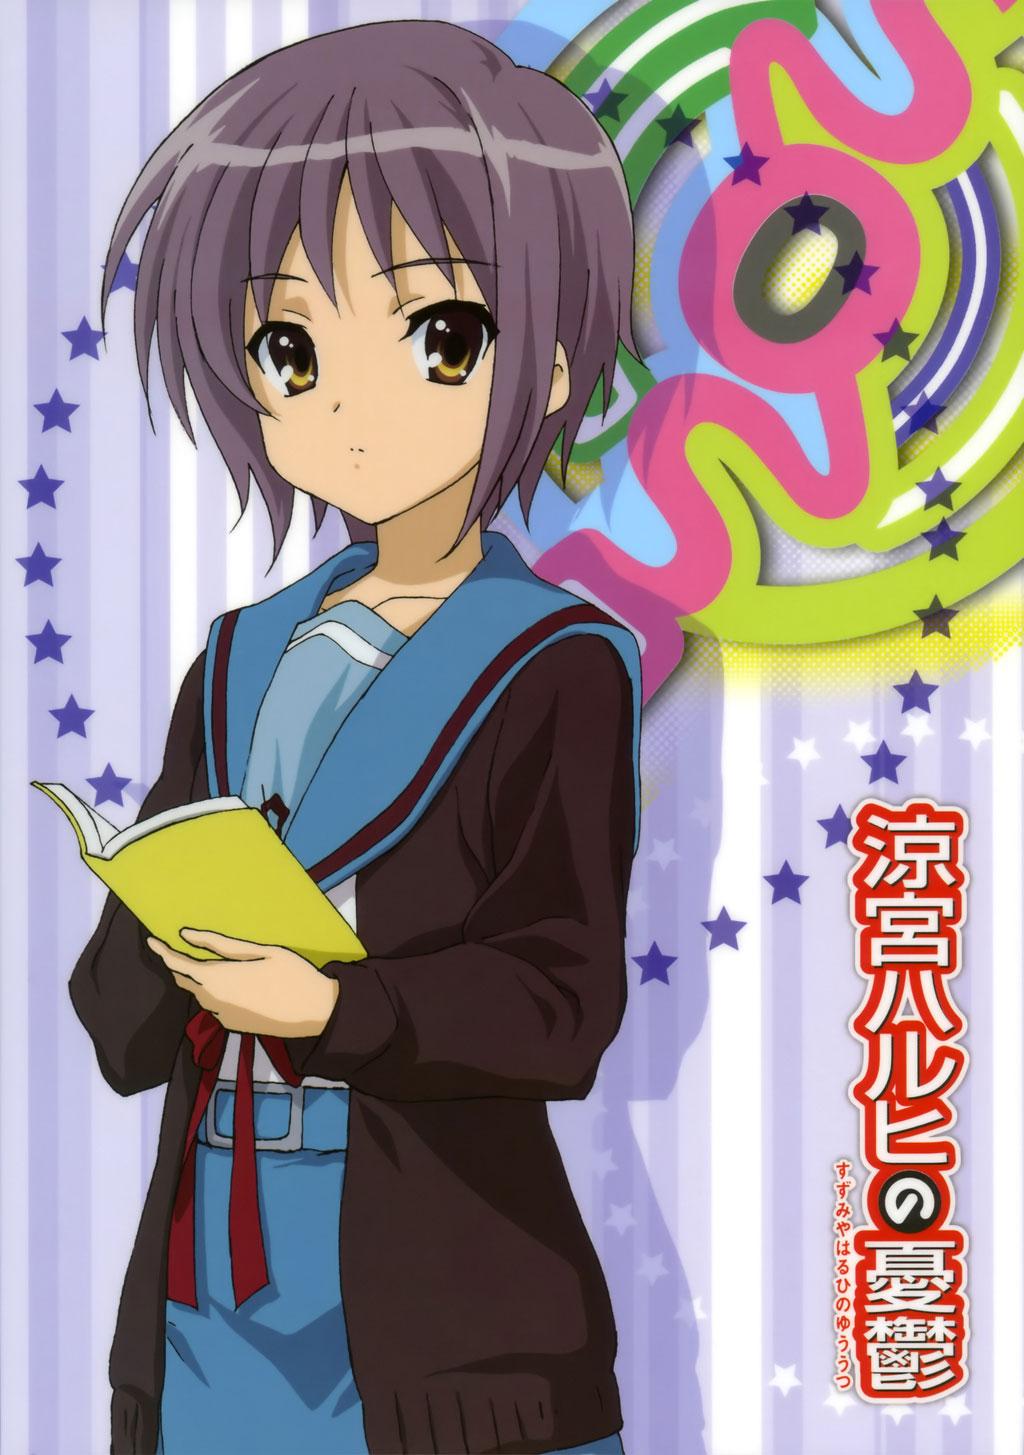 Yuki Nagato